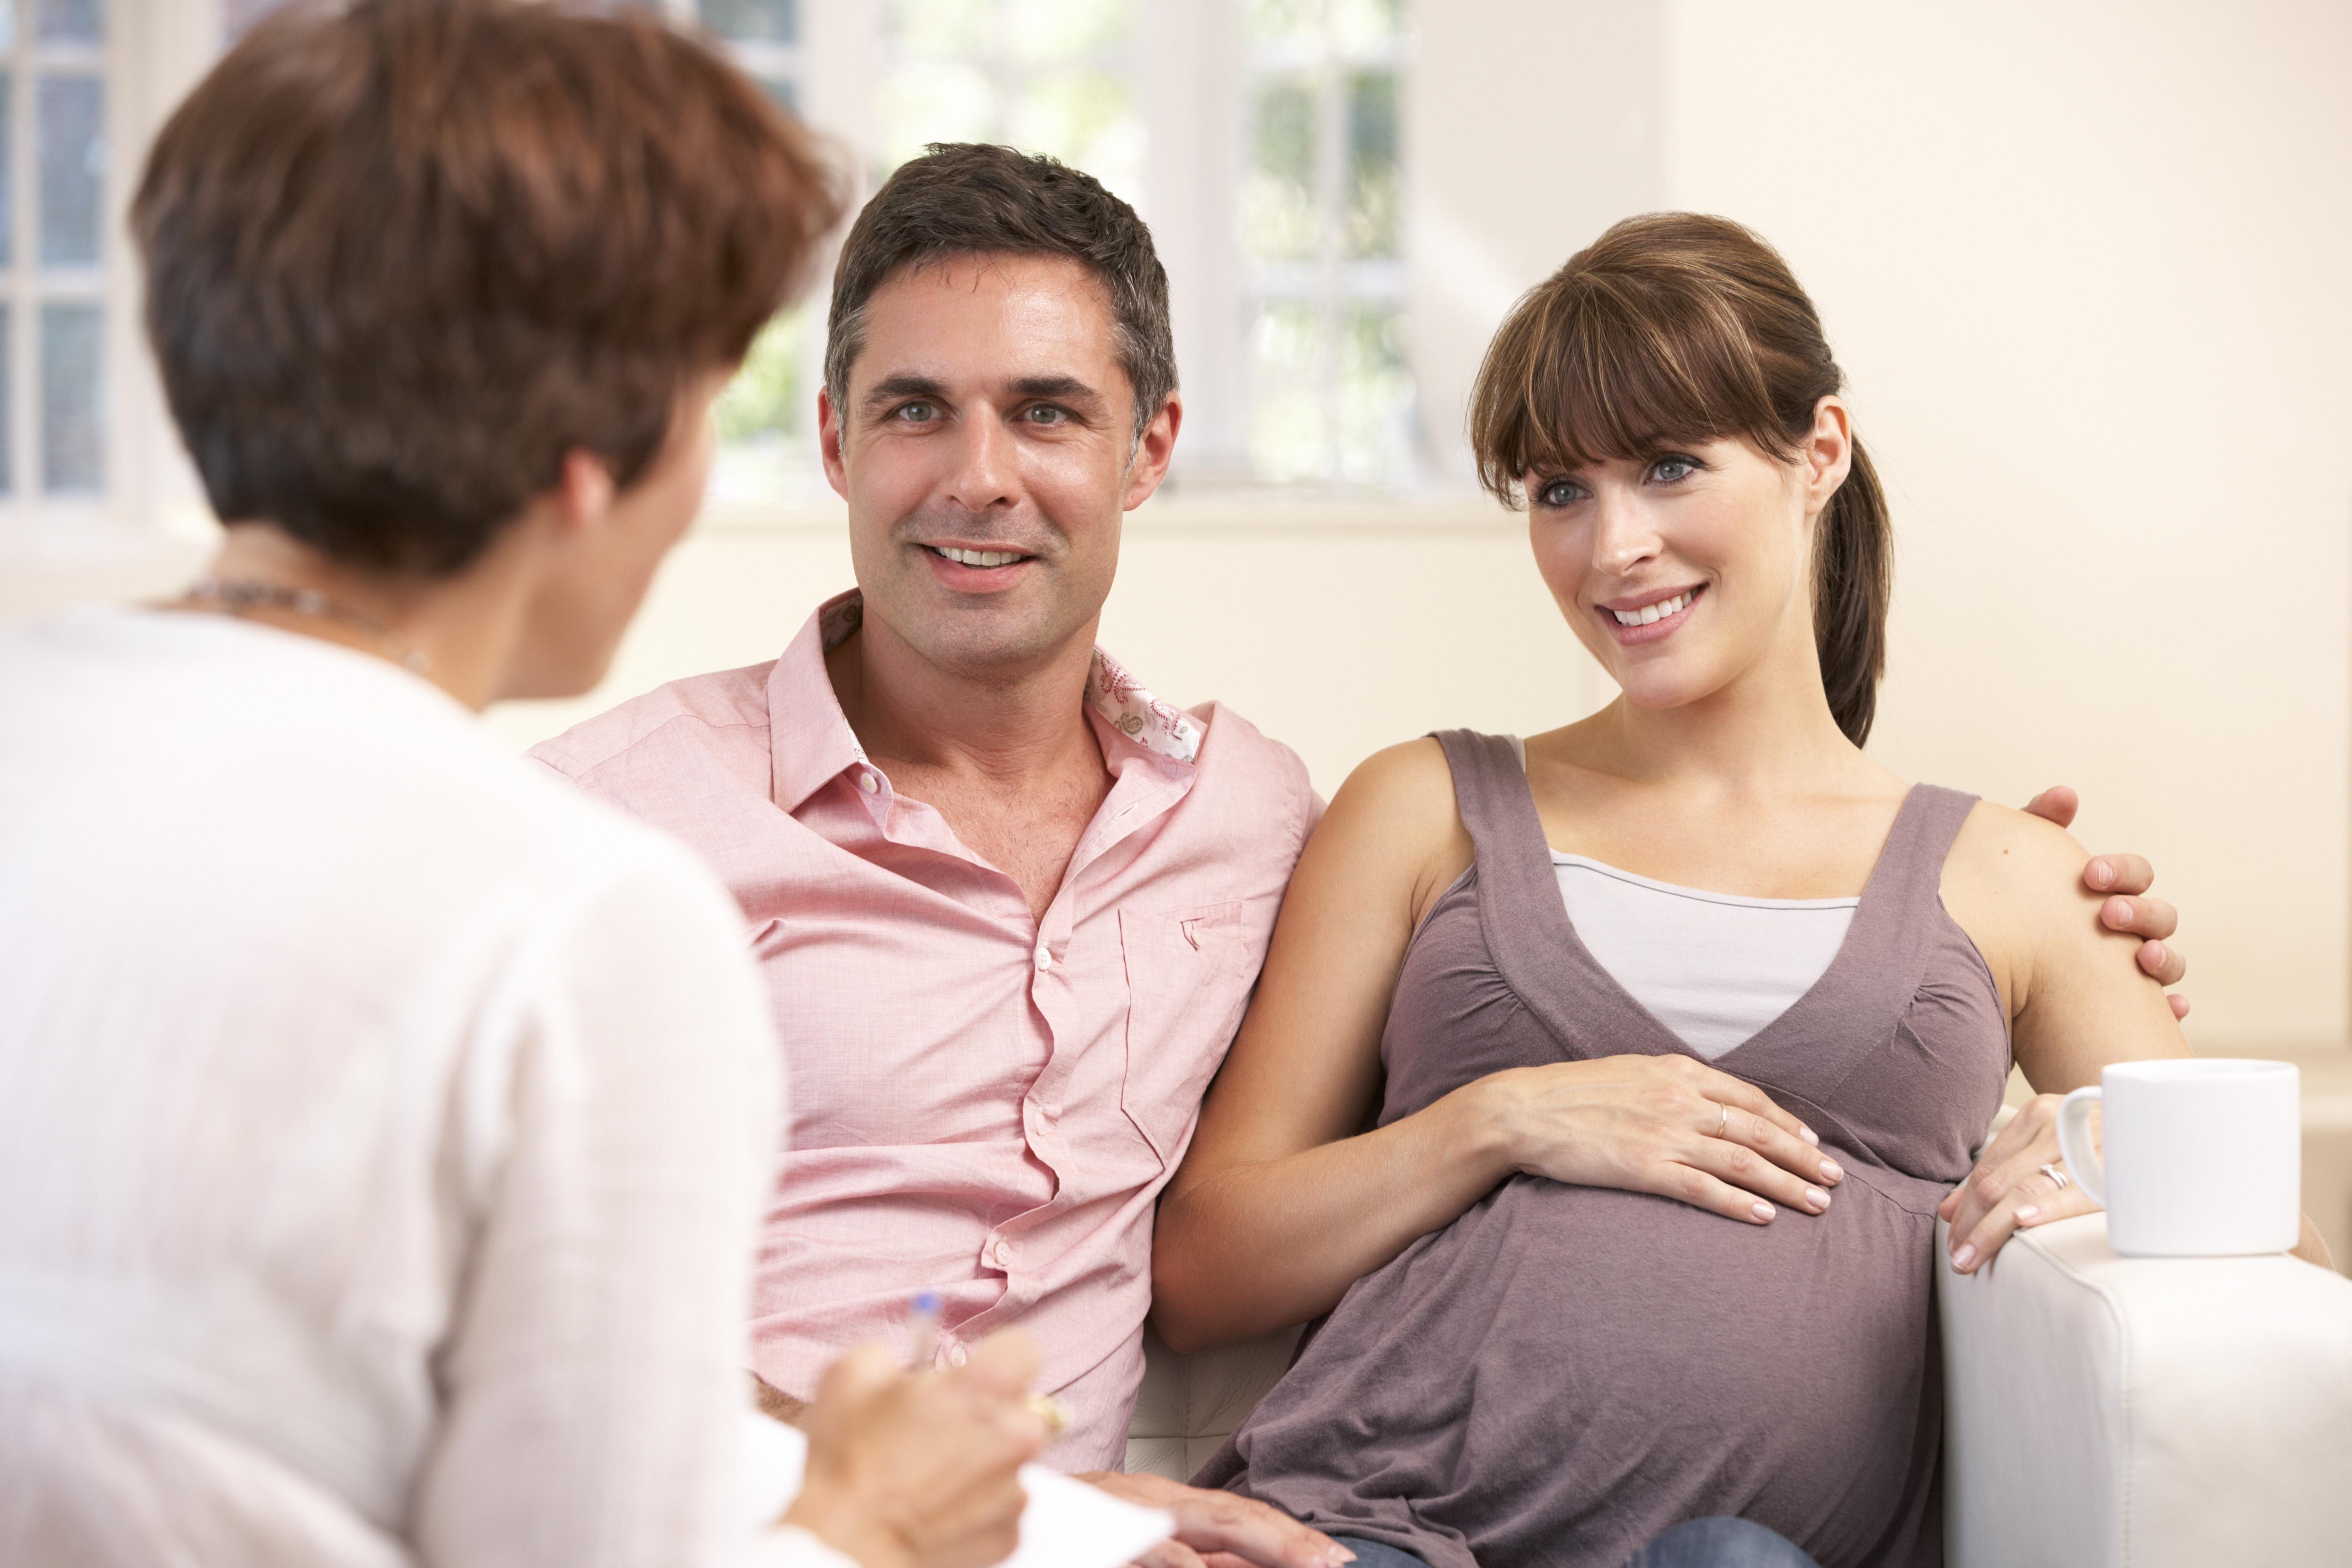 Eérste prenatale consultatie in praktijk